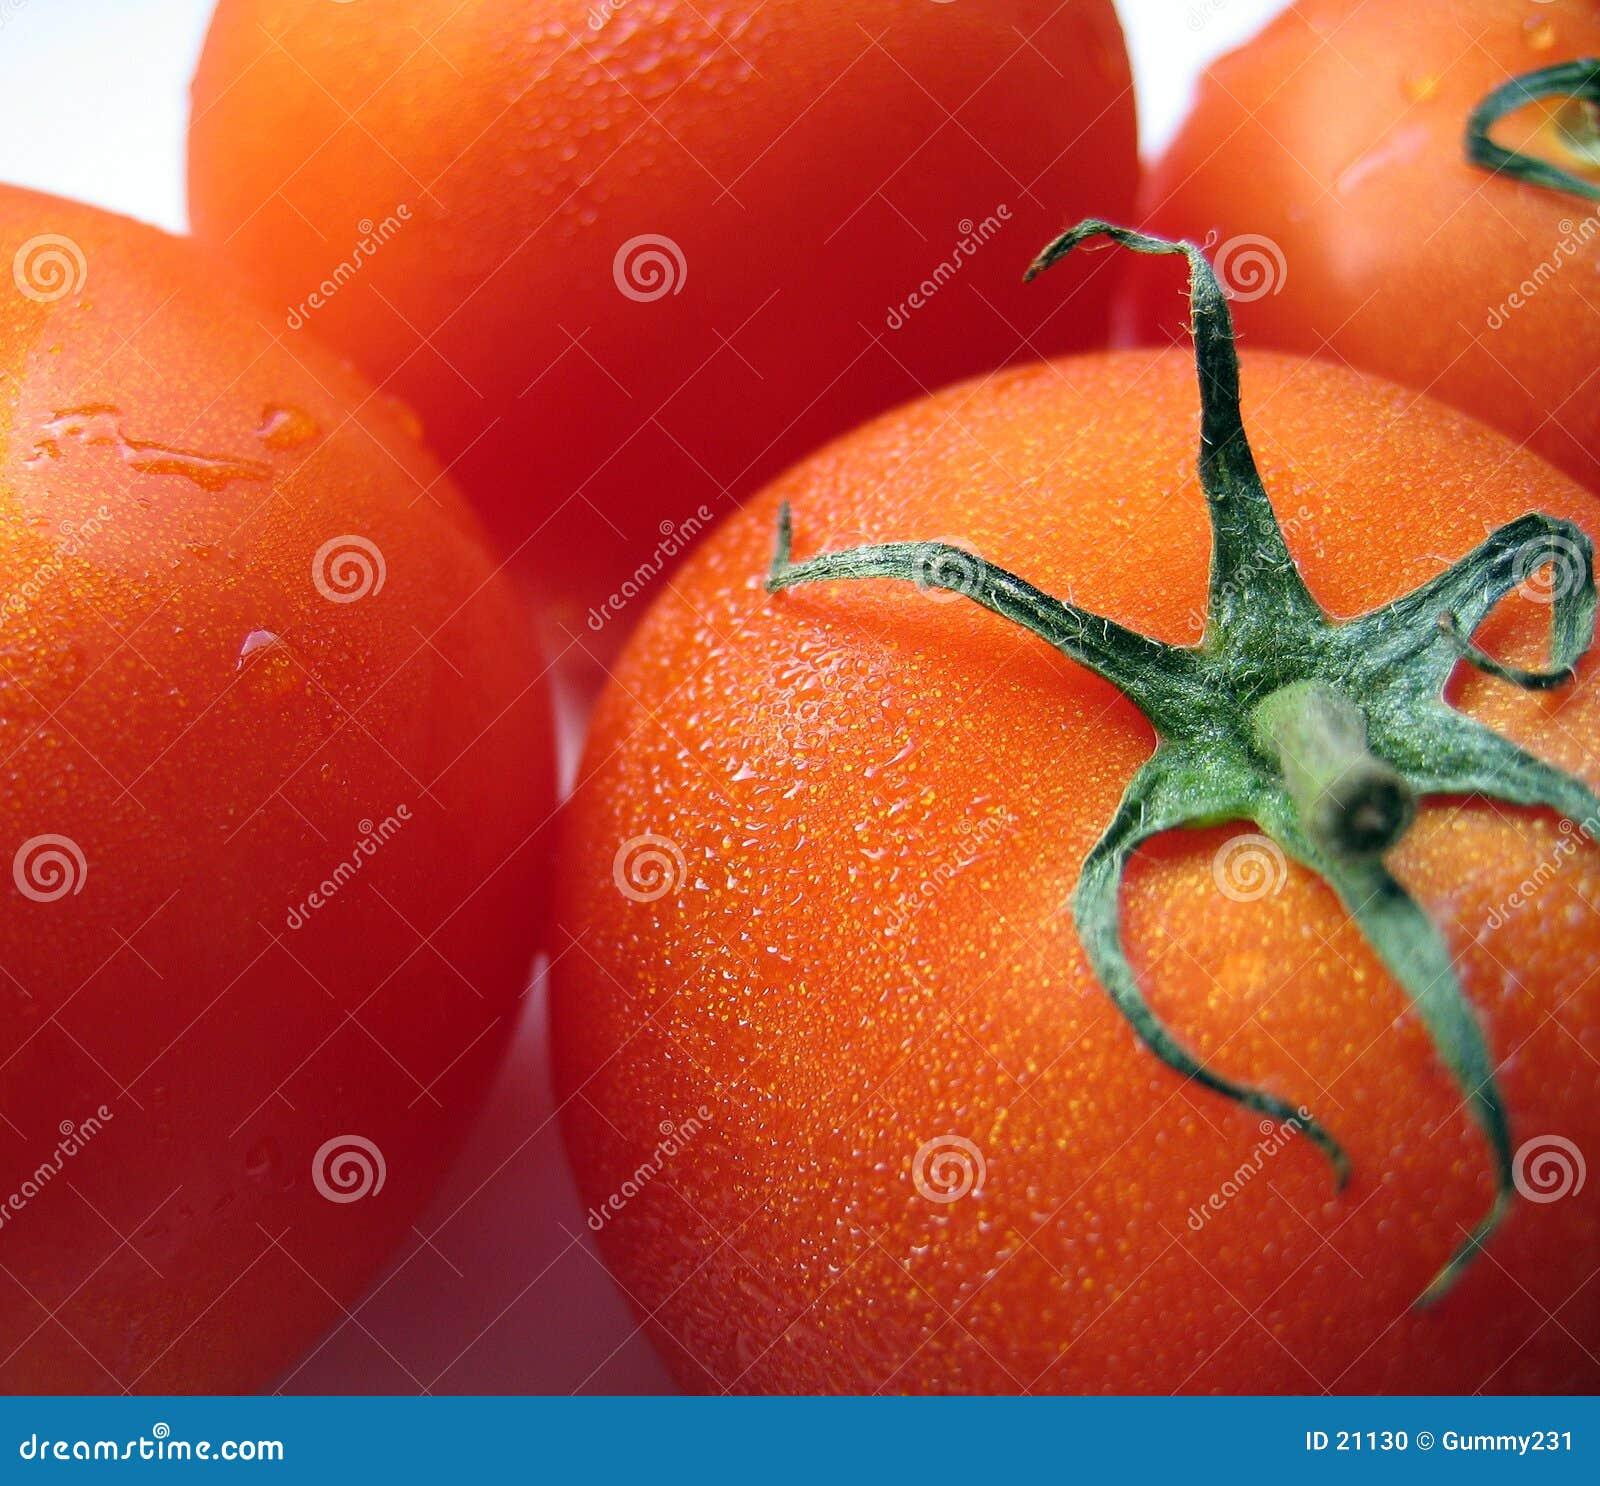 肥满成熟蕃茄